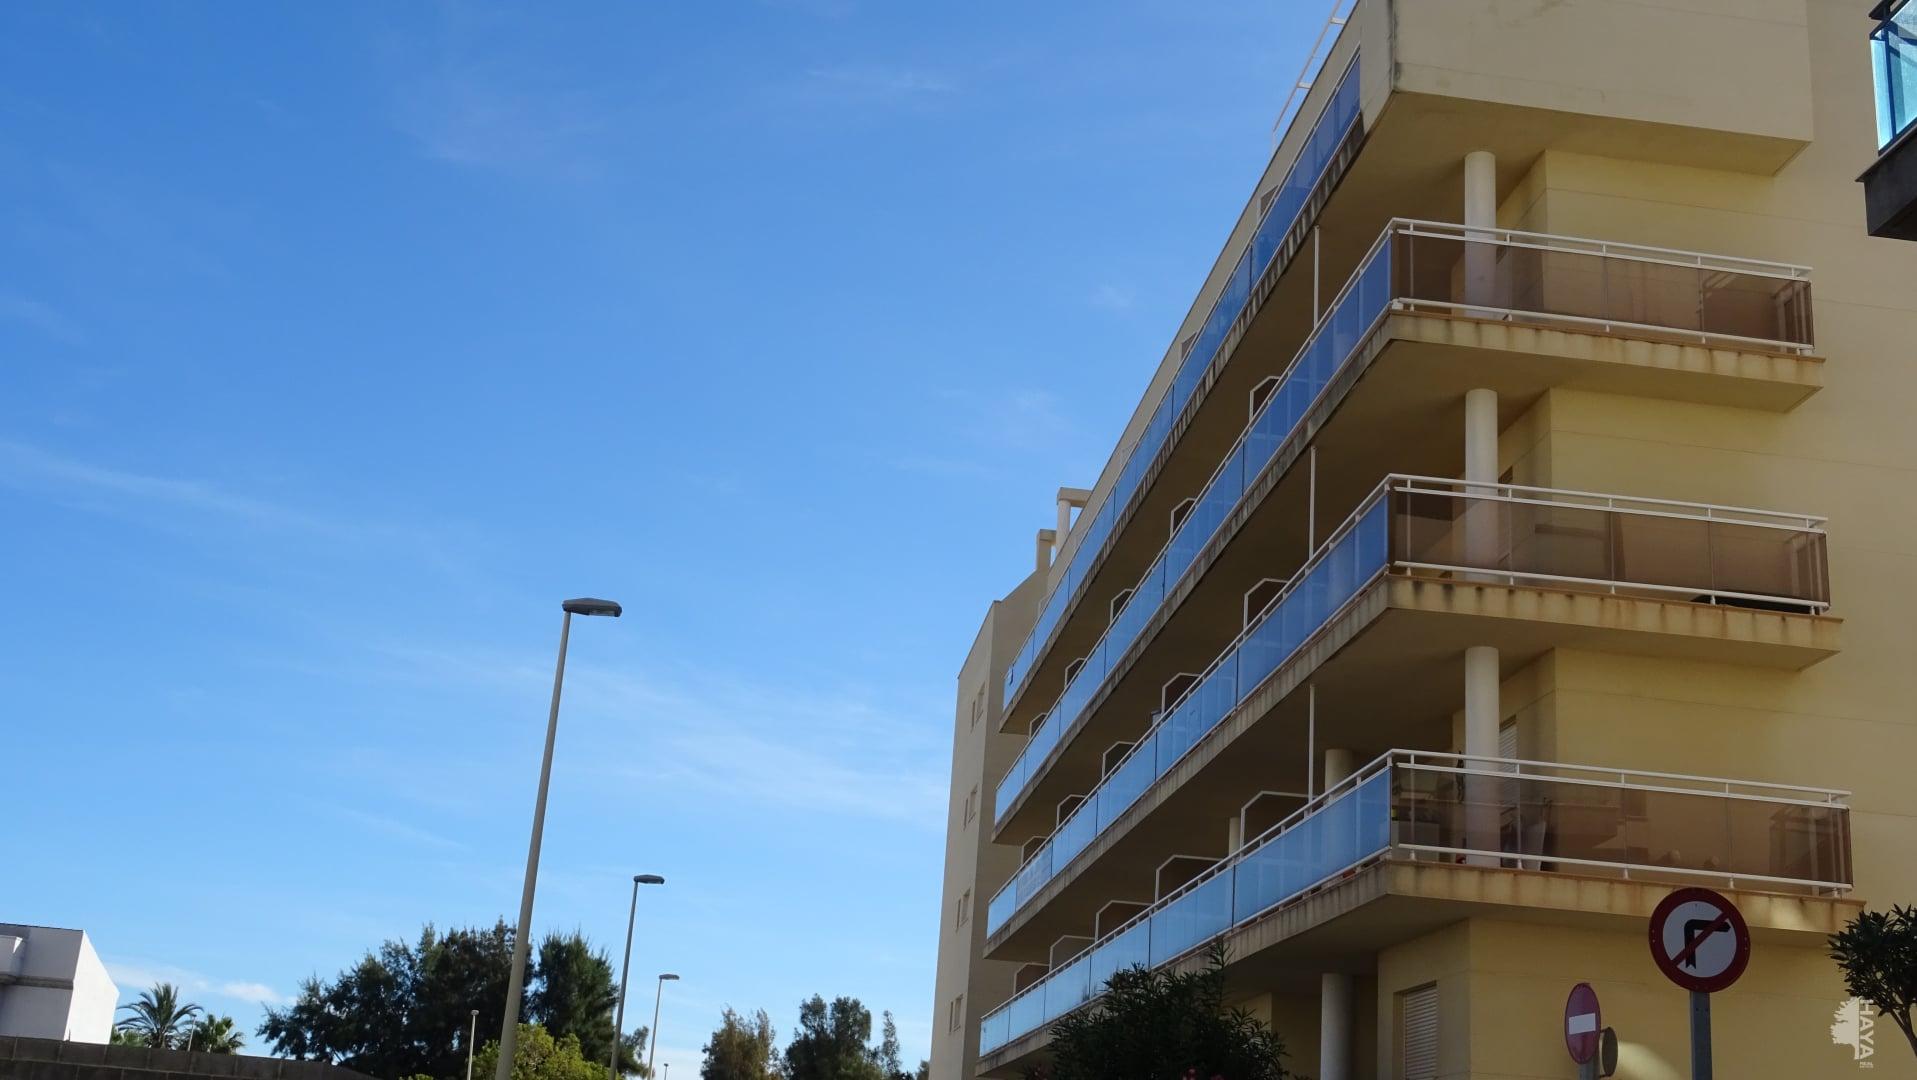 Piso en venta en Moncofa, Castellón, Calle Albacete, 109.000 €, 2 habitaciones, 1 baño, 85 m2